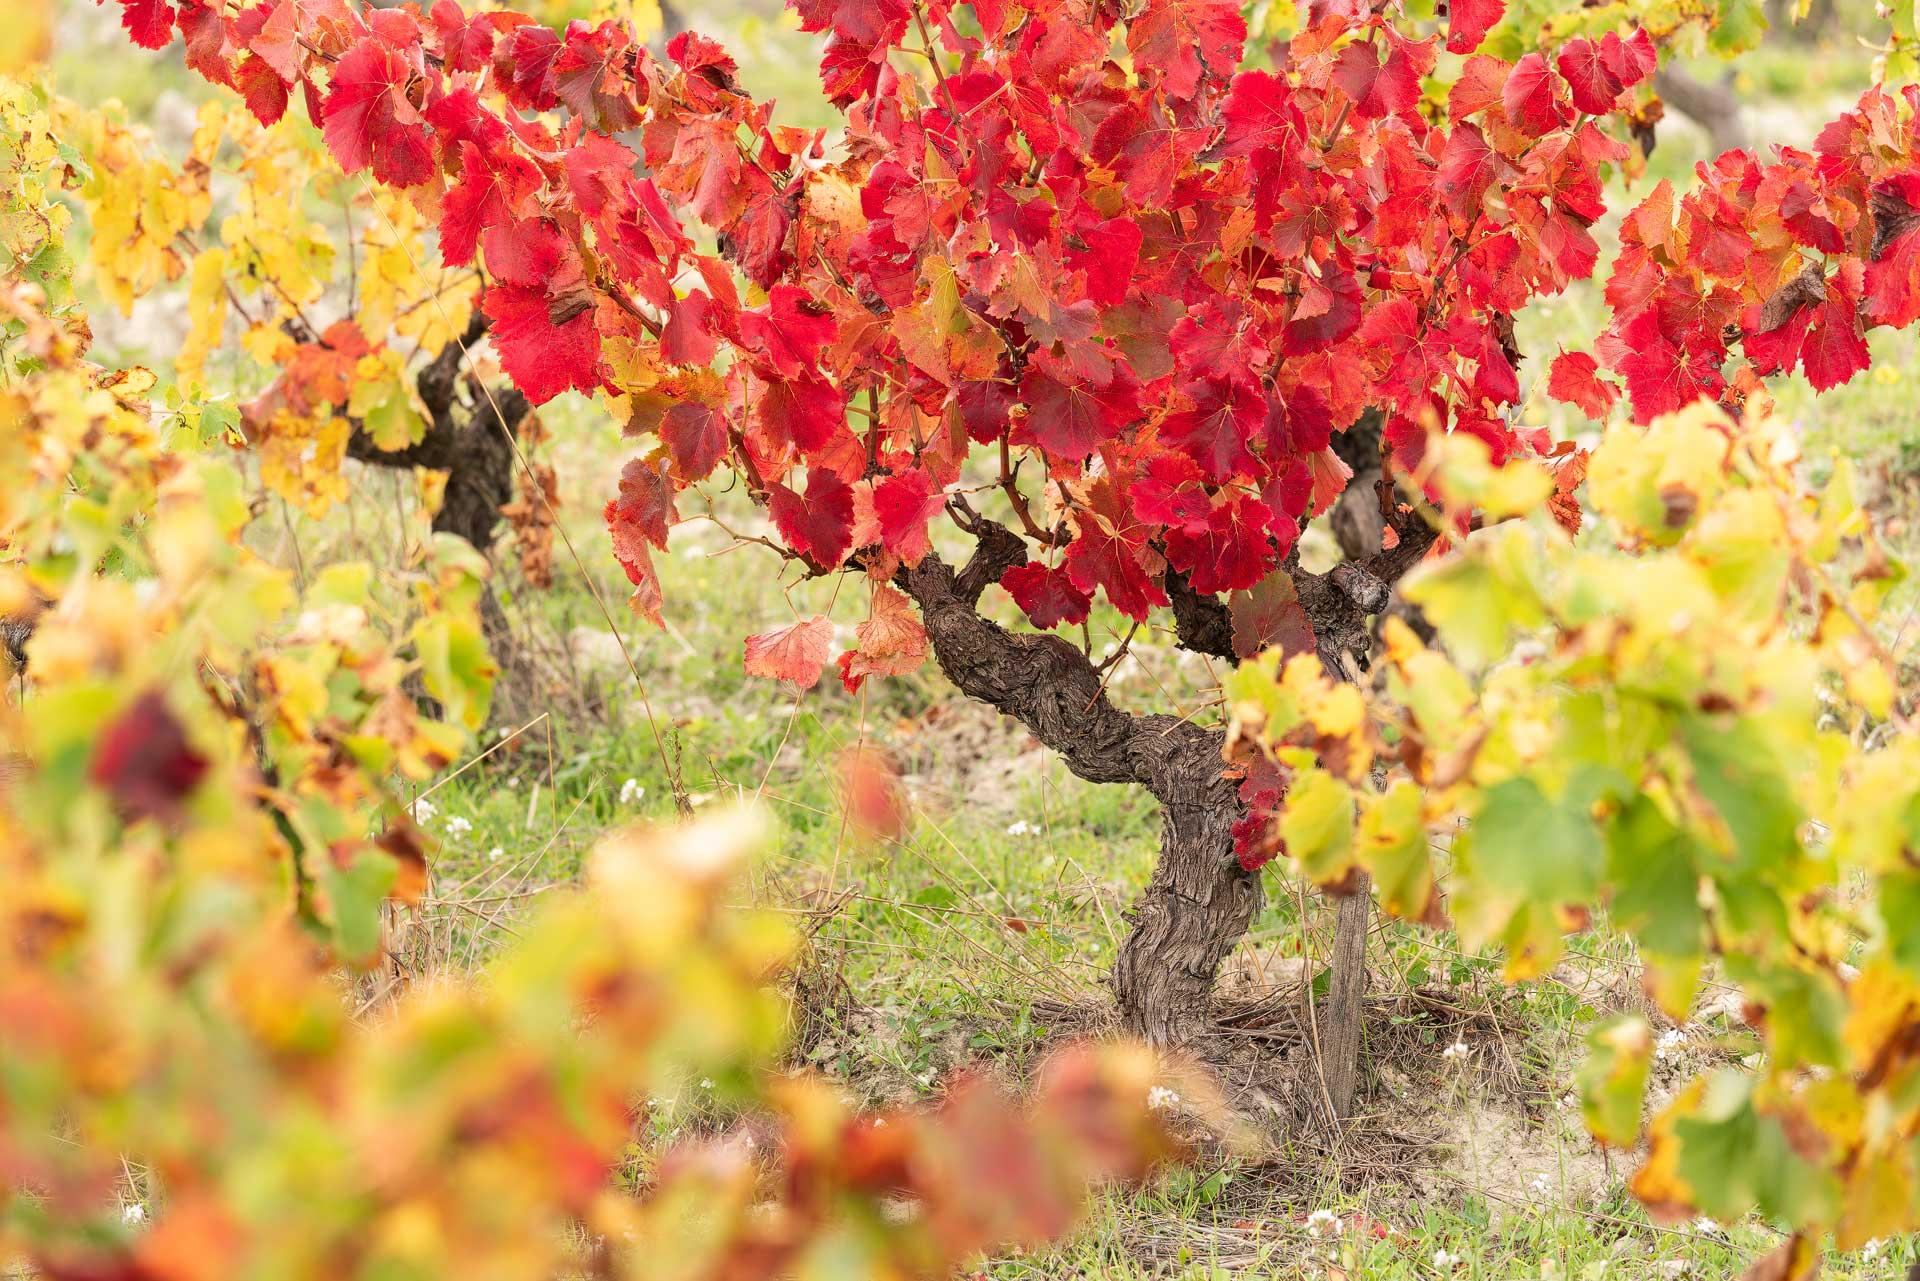 Photographie d'un plan de vigne à la saison automnale, les feuilles sont rouges, jaunes et orangées